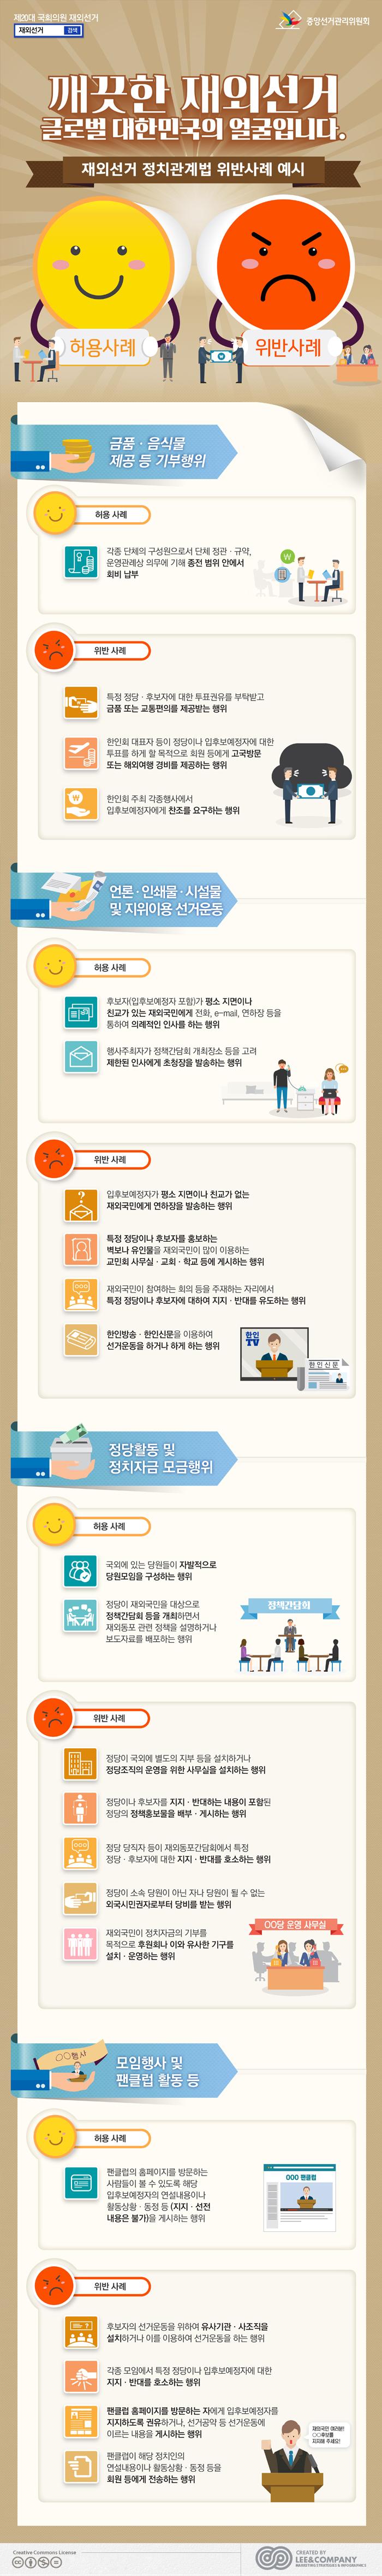 [리앤컴퍼니]_재외선거_08선거법위반사례